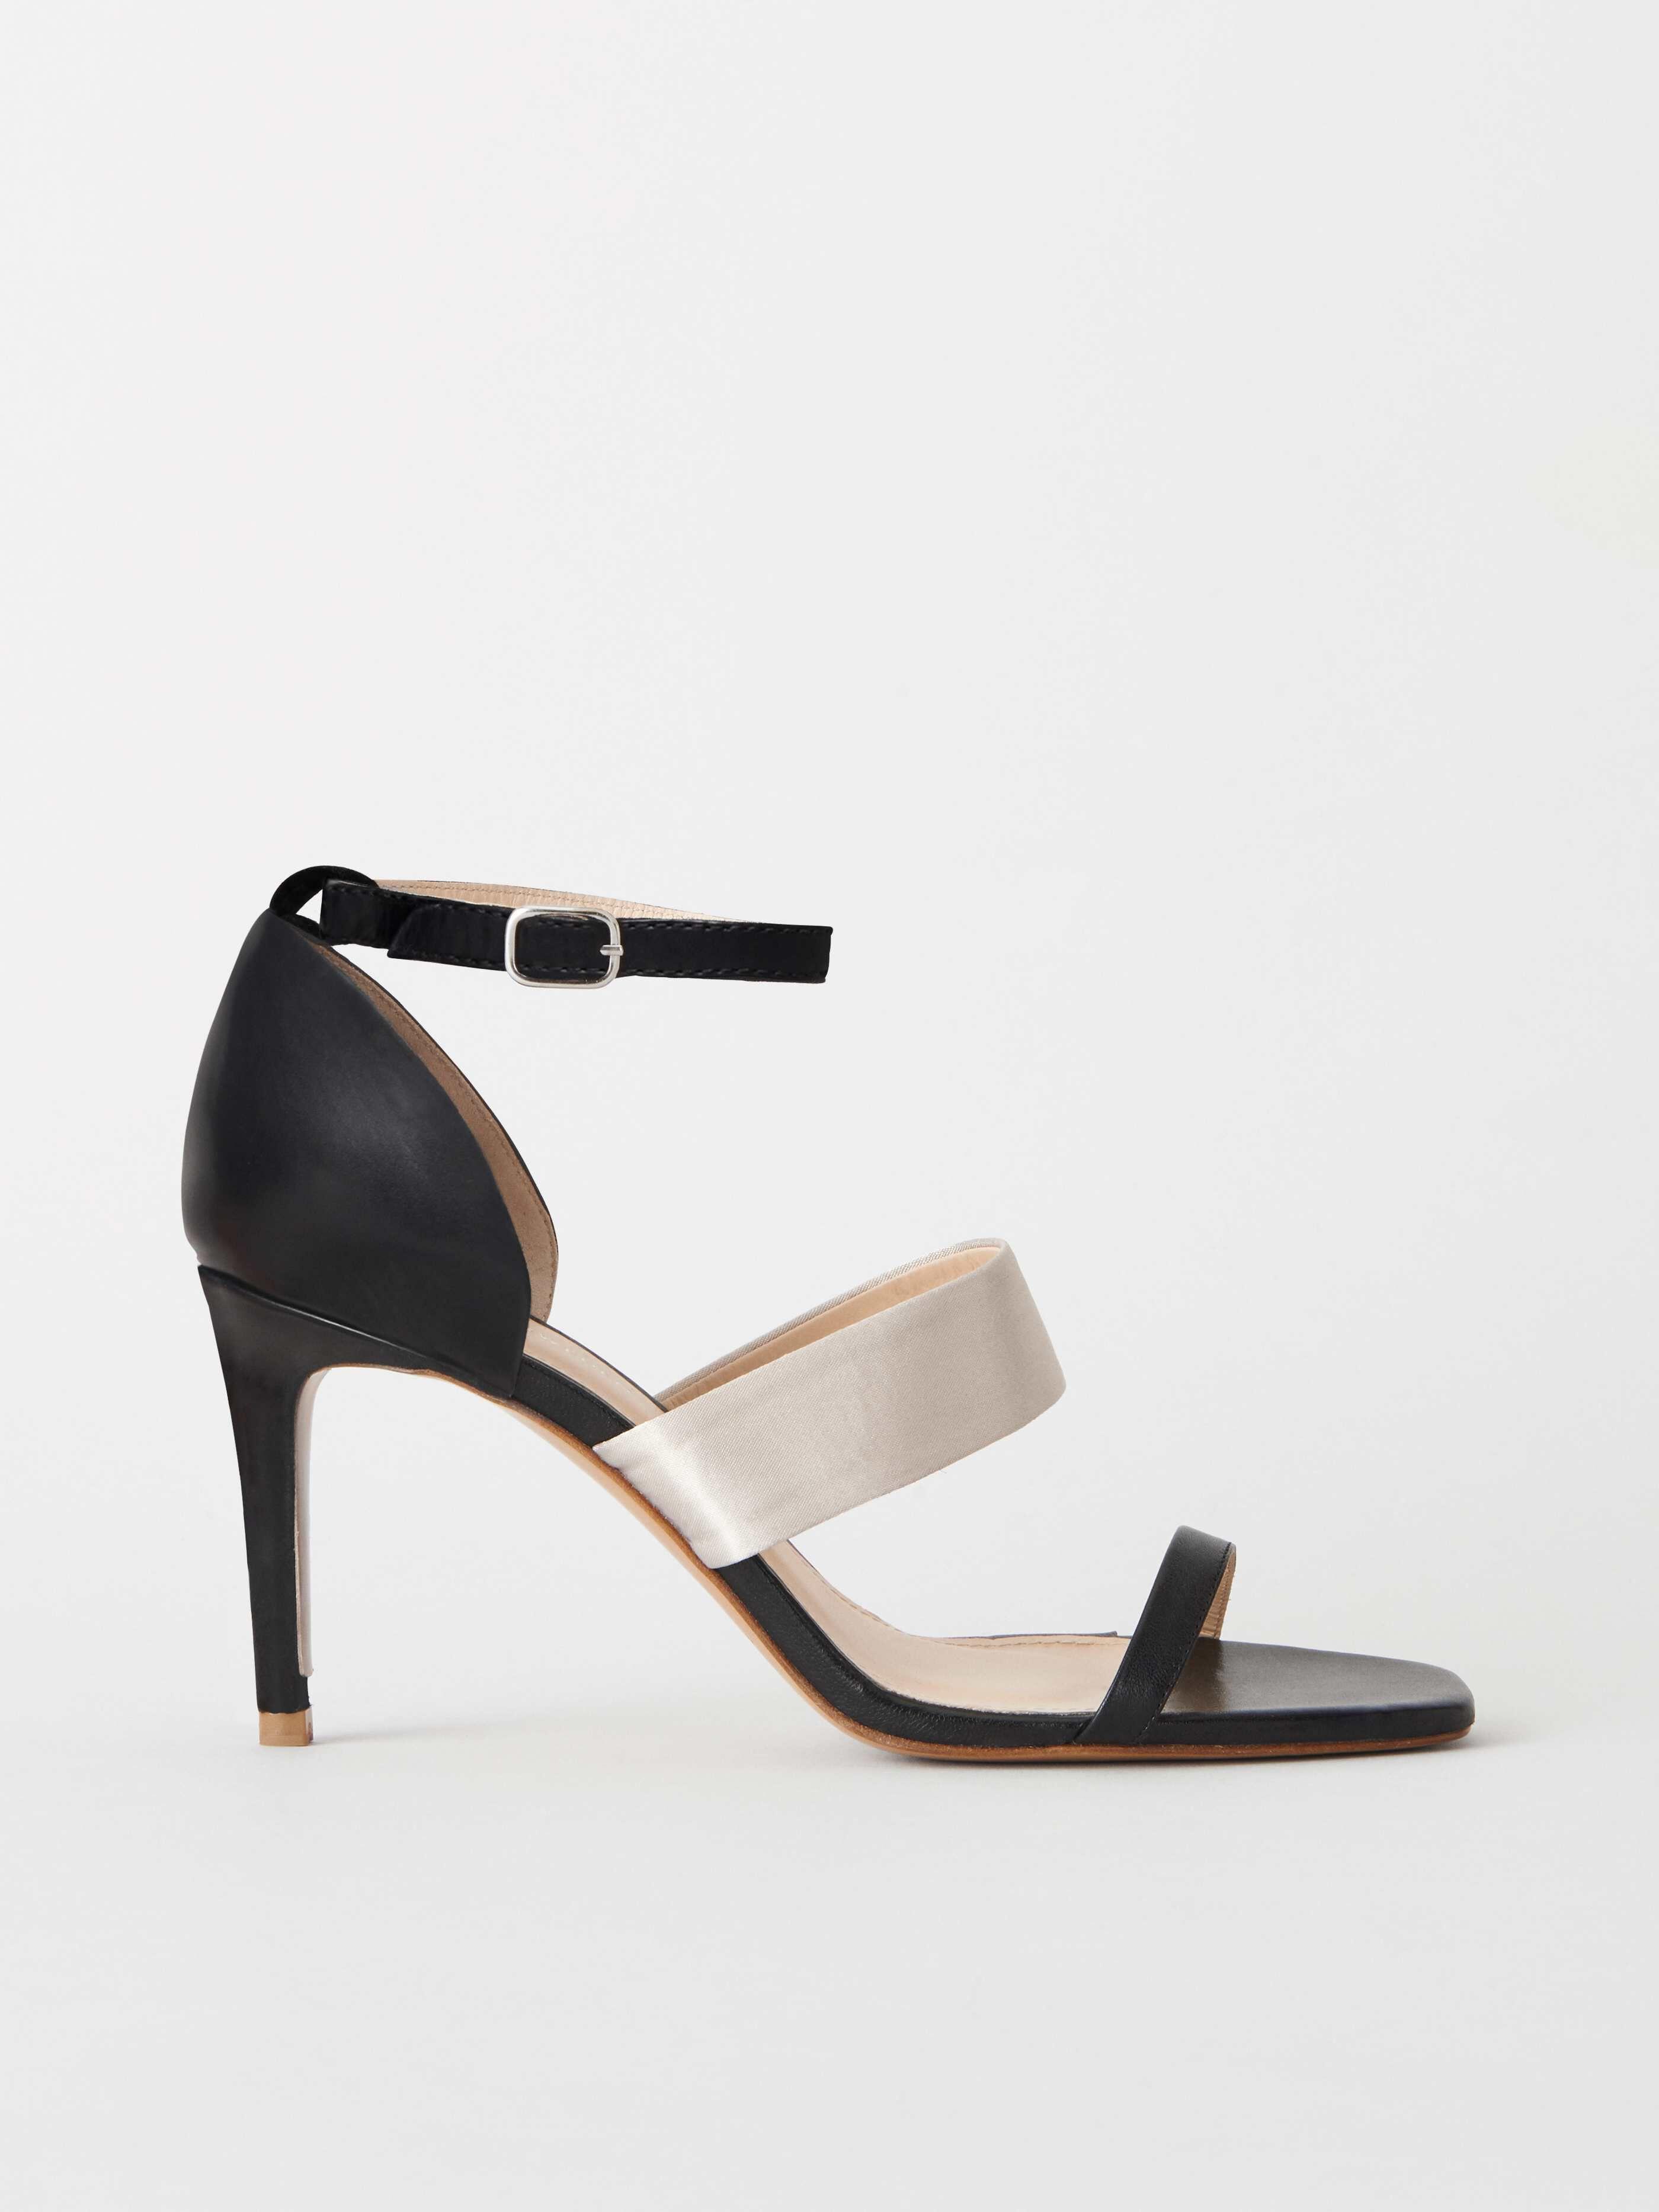 Corin Sandals Buy Shoes online